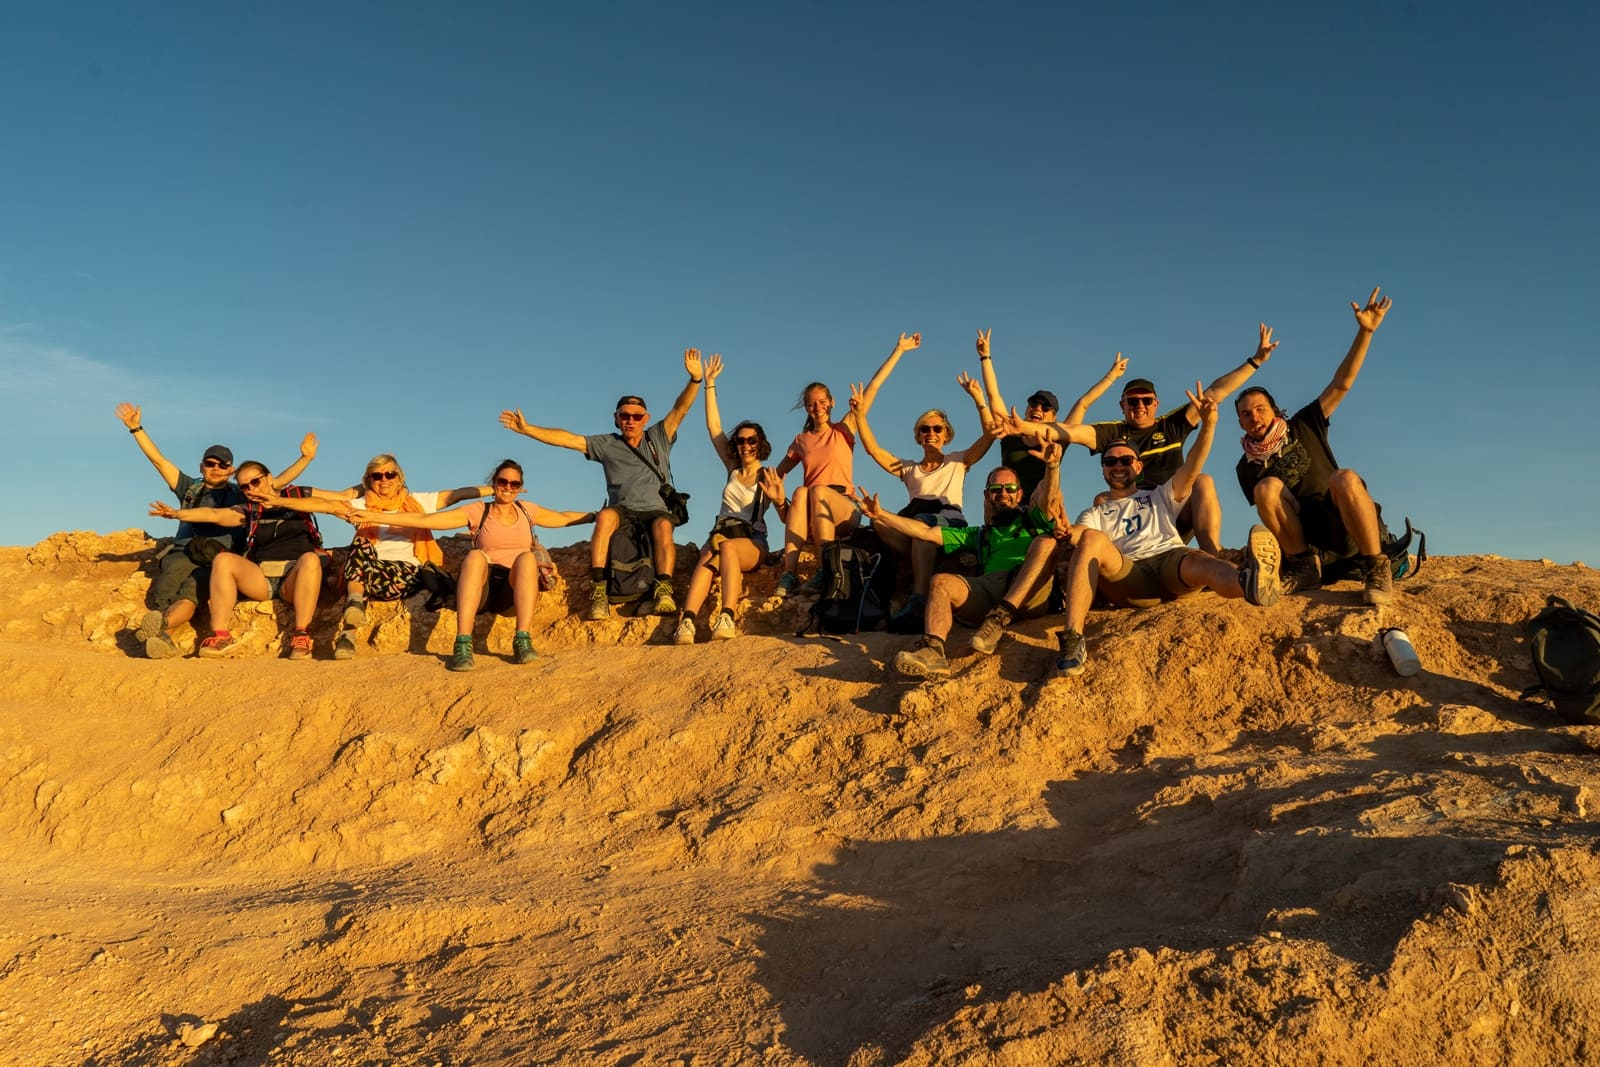 Gruppenreisen für Alleinreisende - Richtigen Reiseveranstalter finden | QUERIDO MUNDO